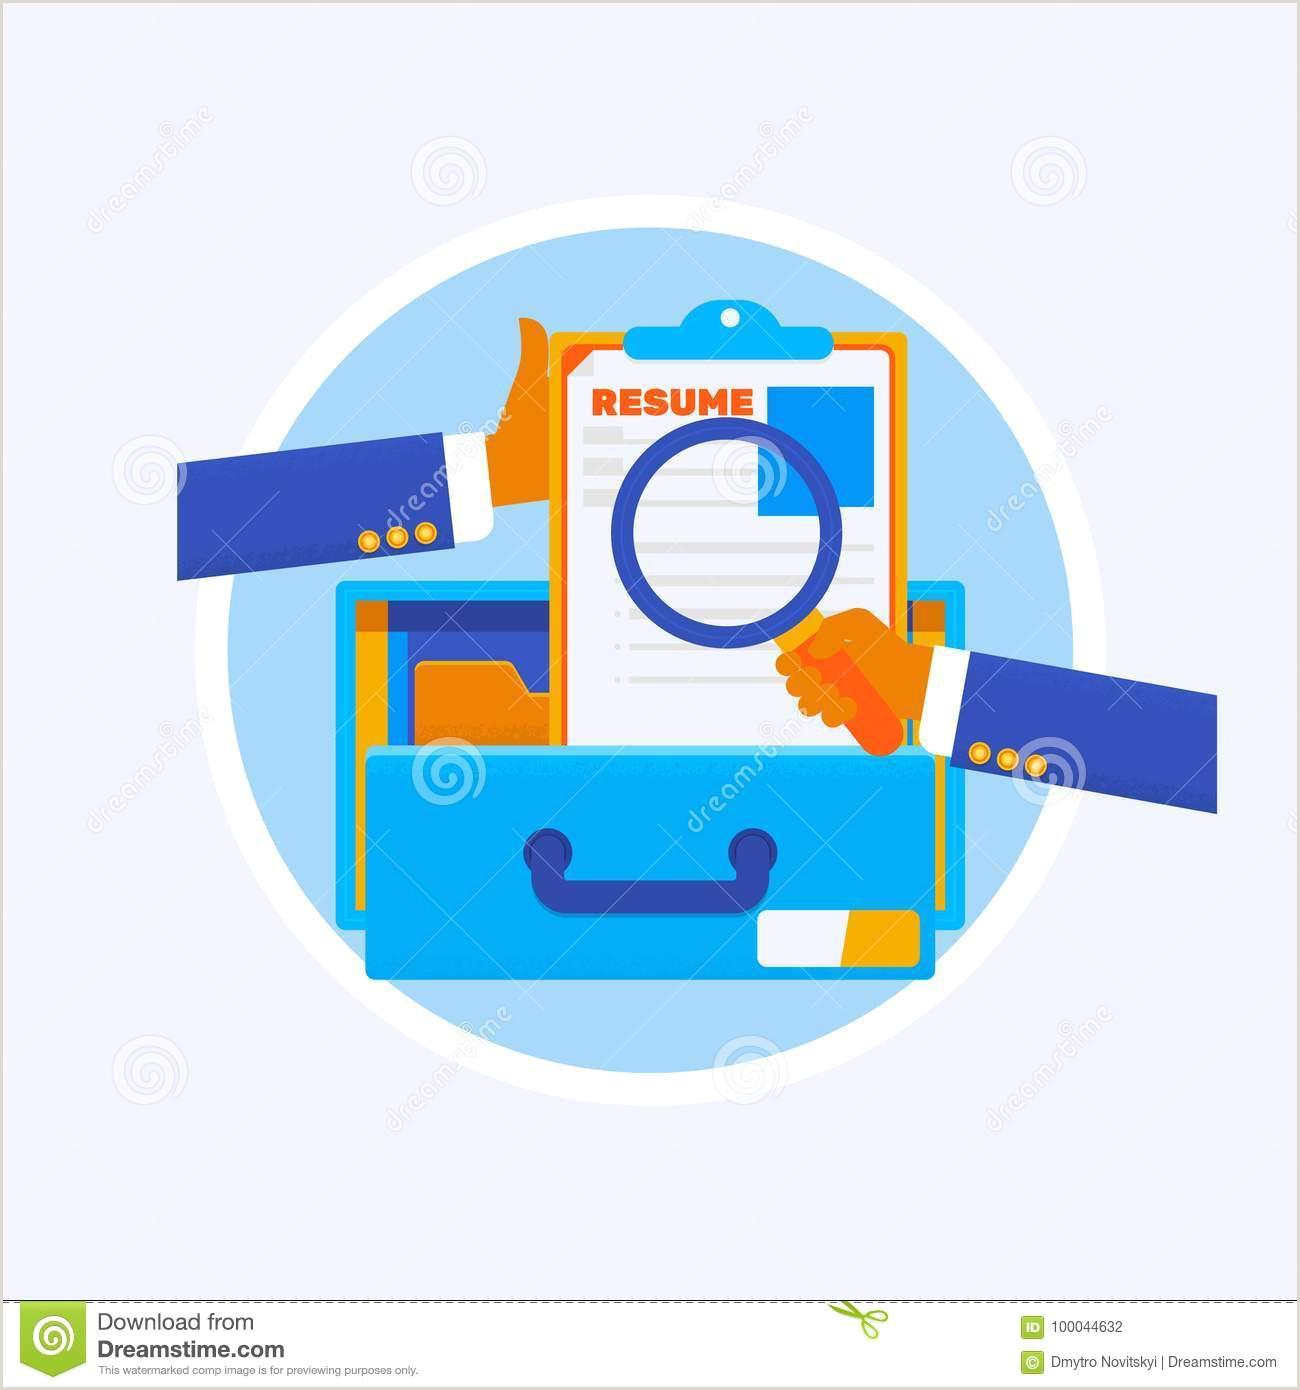 Curriculum vitae o uso ilustraci³n del vector Ilustraci³n